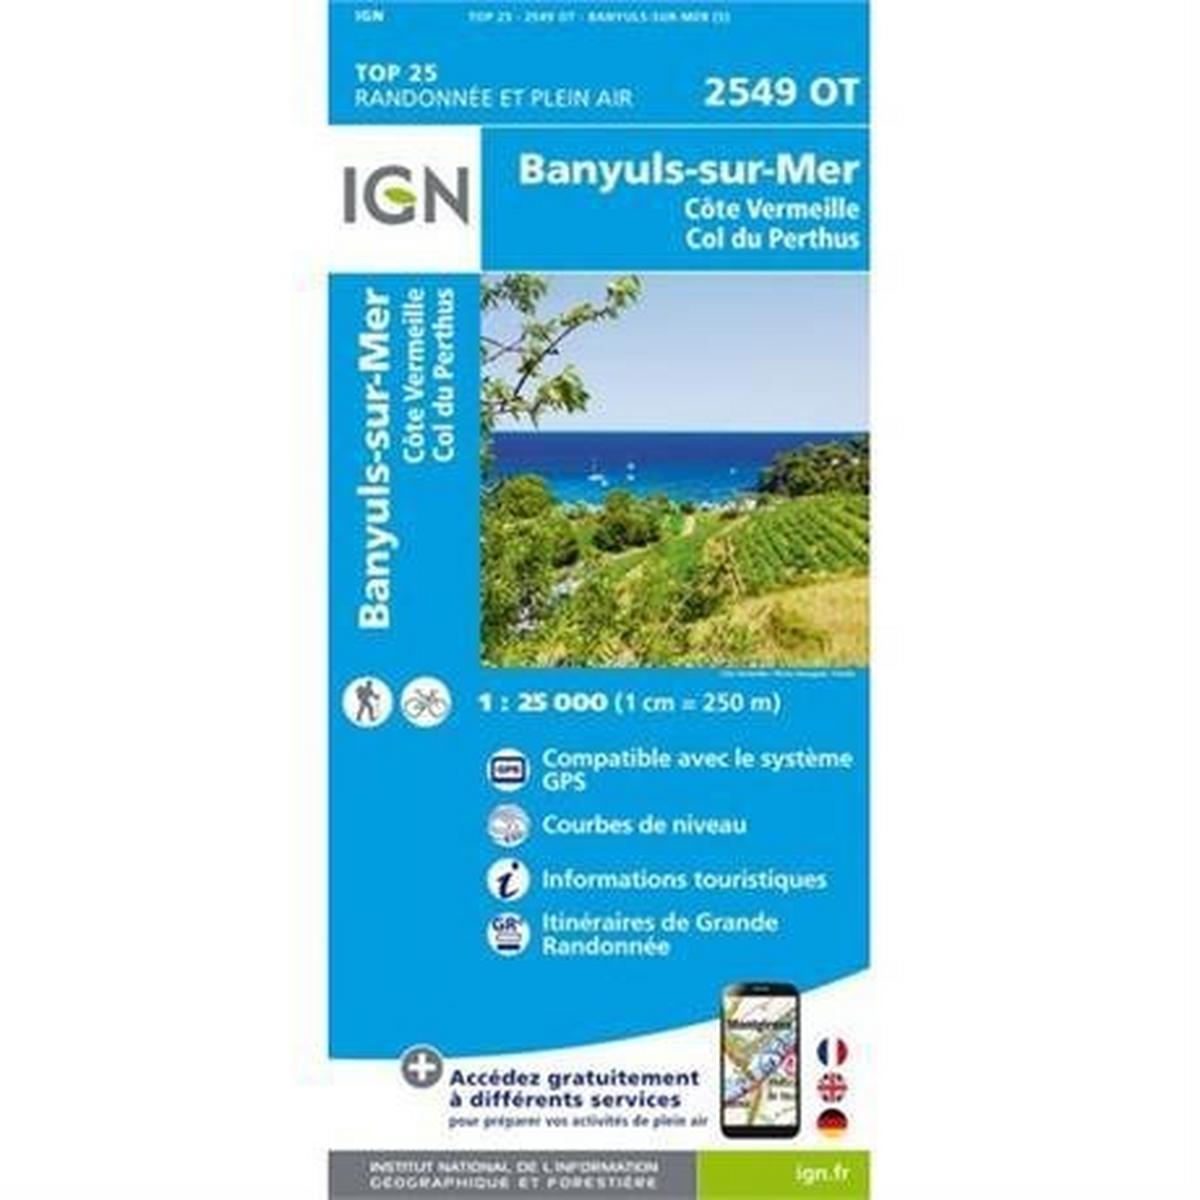 Ign Maps France IGN Map: Banyuls Col de Perthus 2549 OT 1:25,000